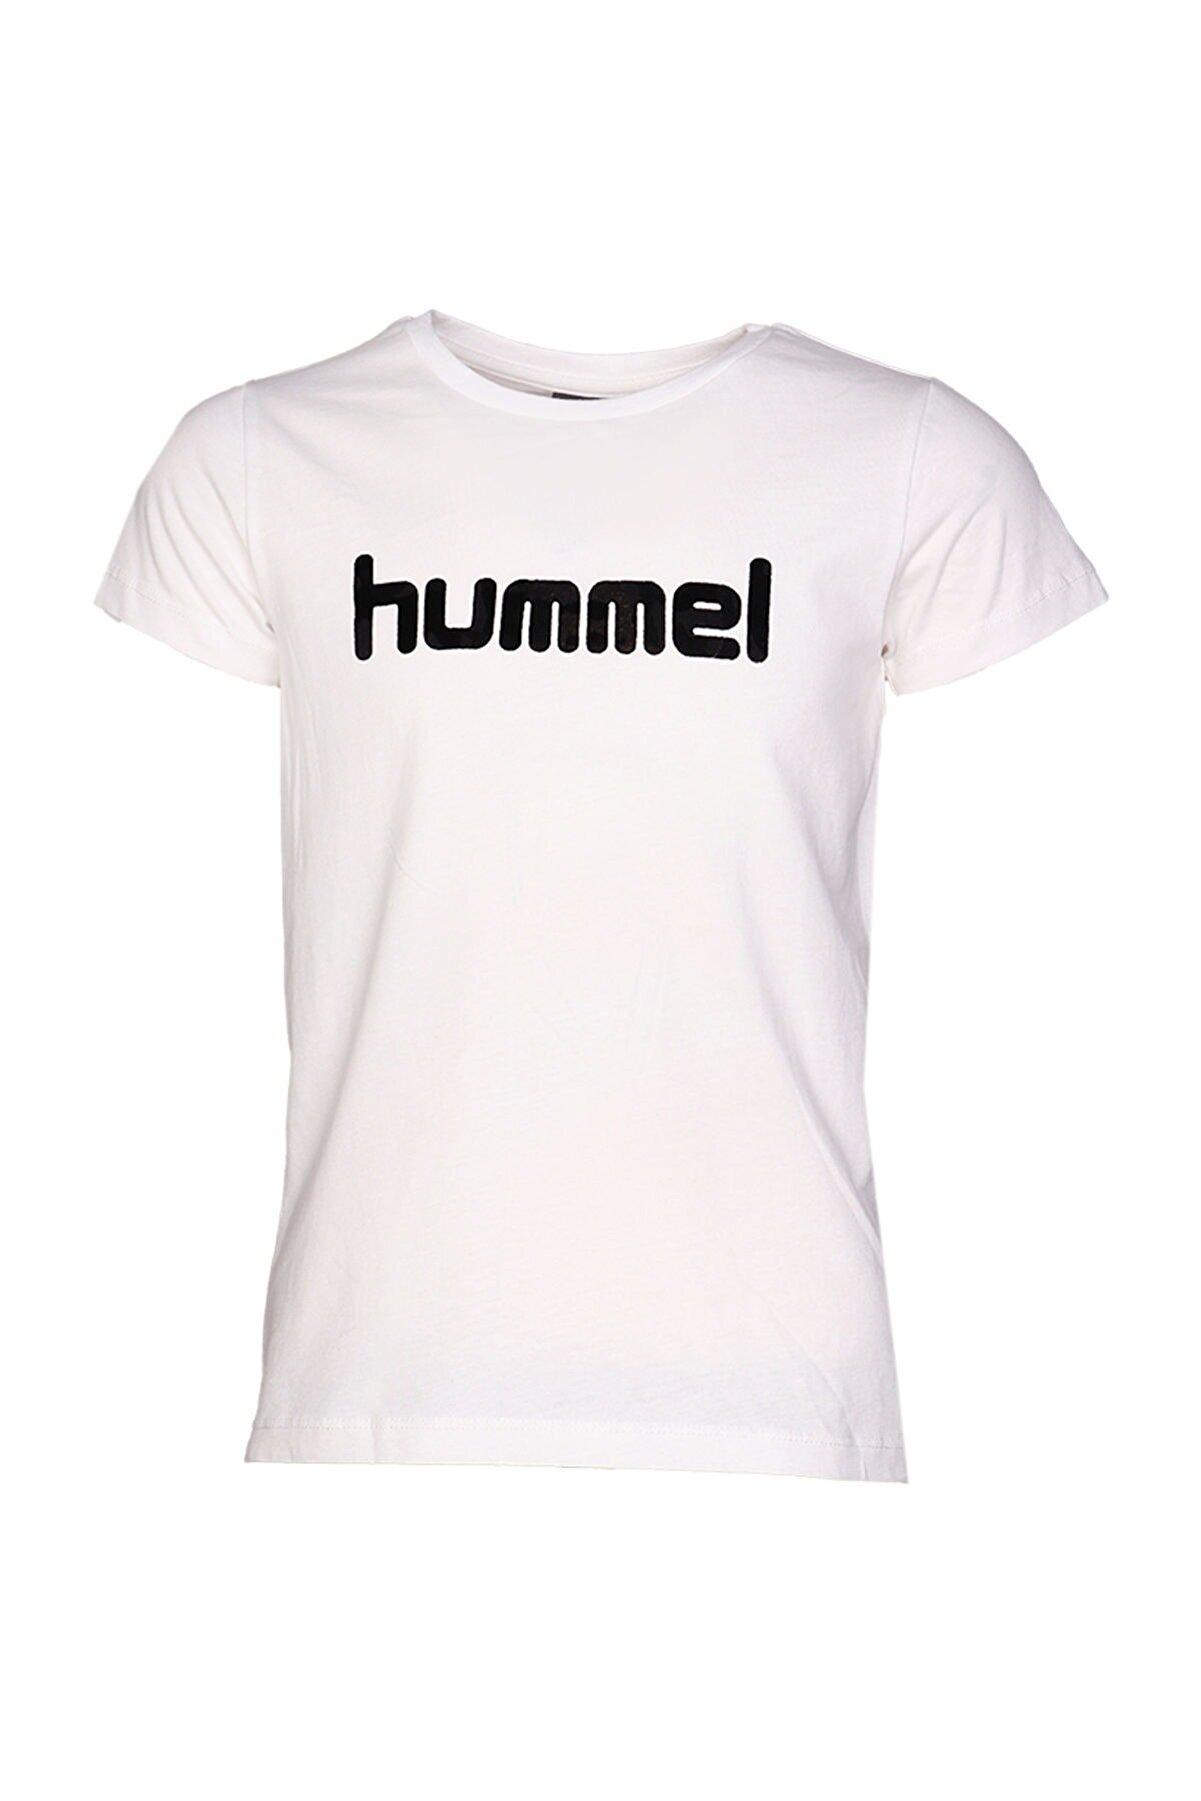 HUMMEL Beyaz Kız Çocuk Mota Kısa Kollu Tişört